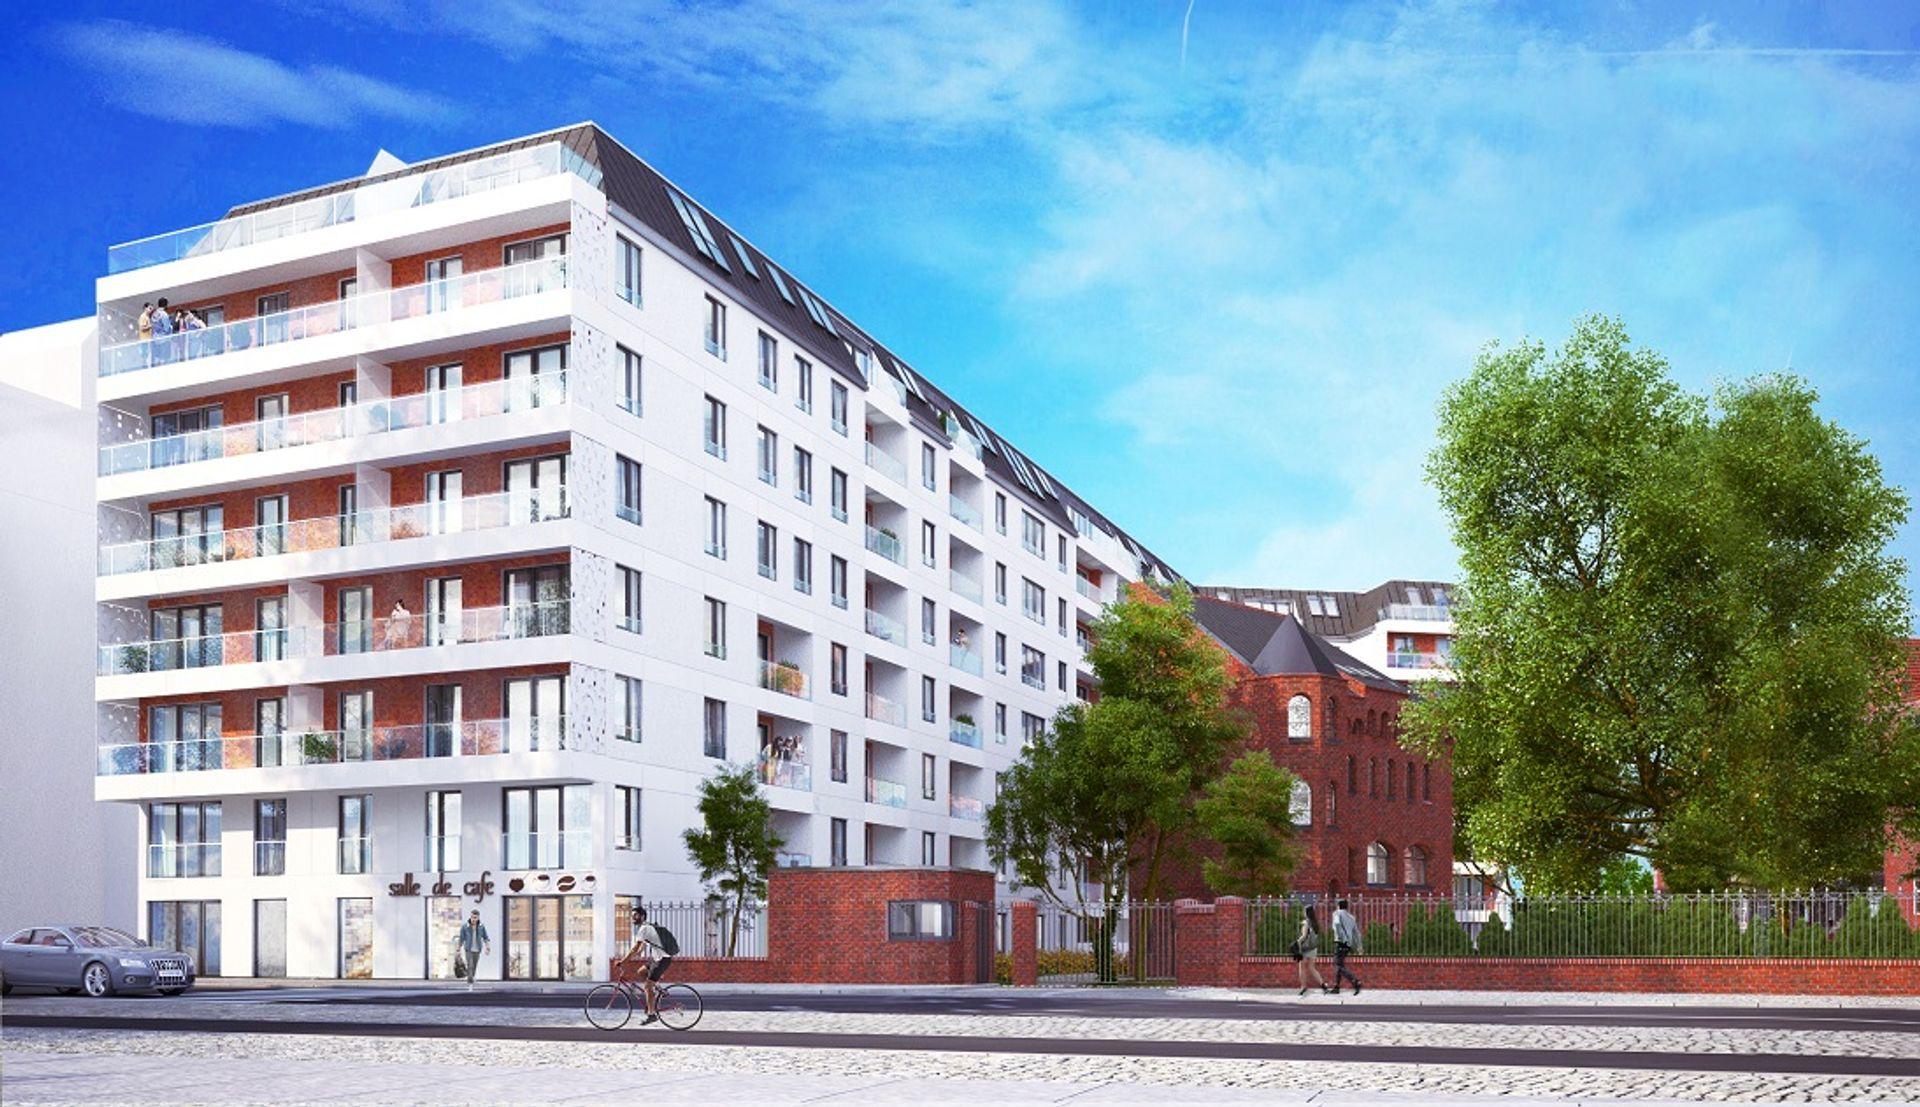 [Wrocław] Prawie 300 mieszkań na terenie dawnego szpitala. Połączą zabytkową zabudowę z nowoczesną architekturą [WIZUALIZACJE]